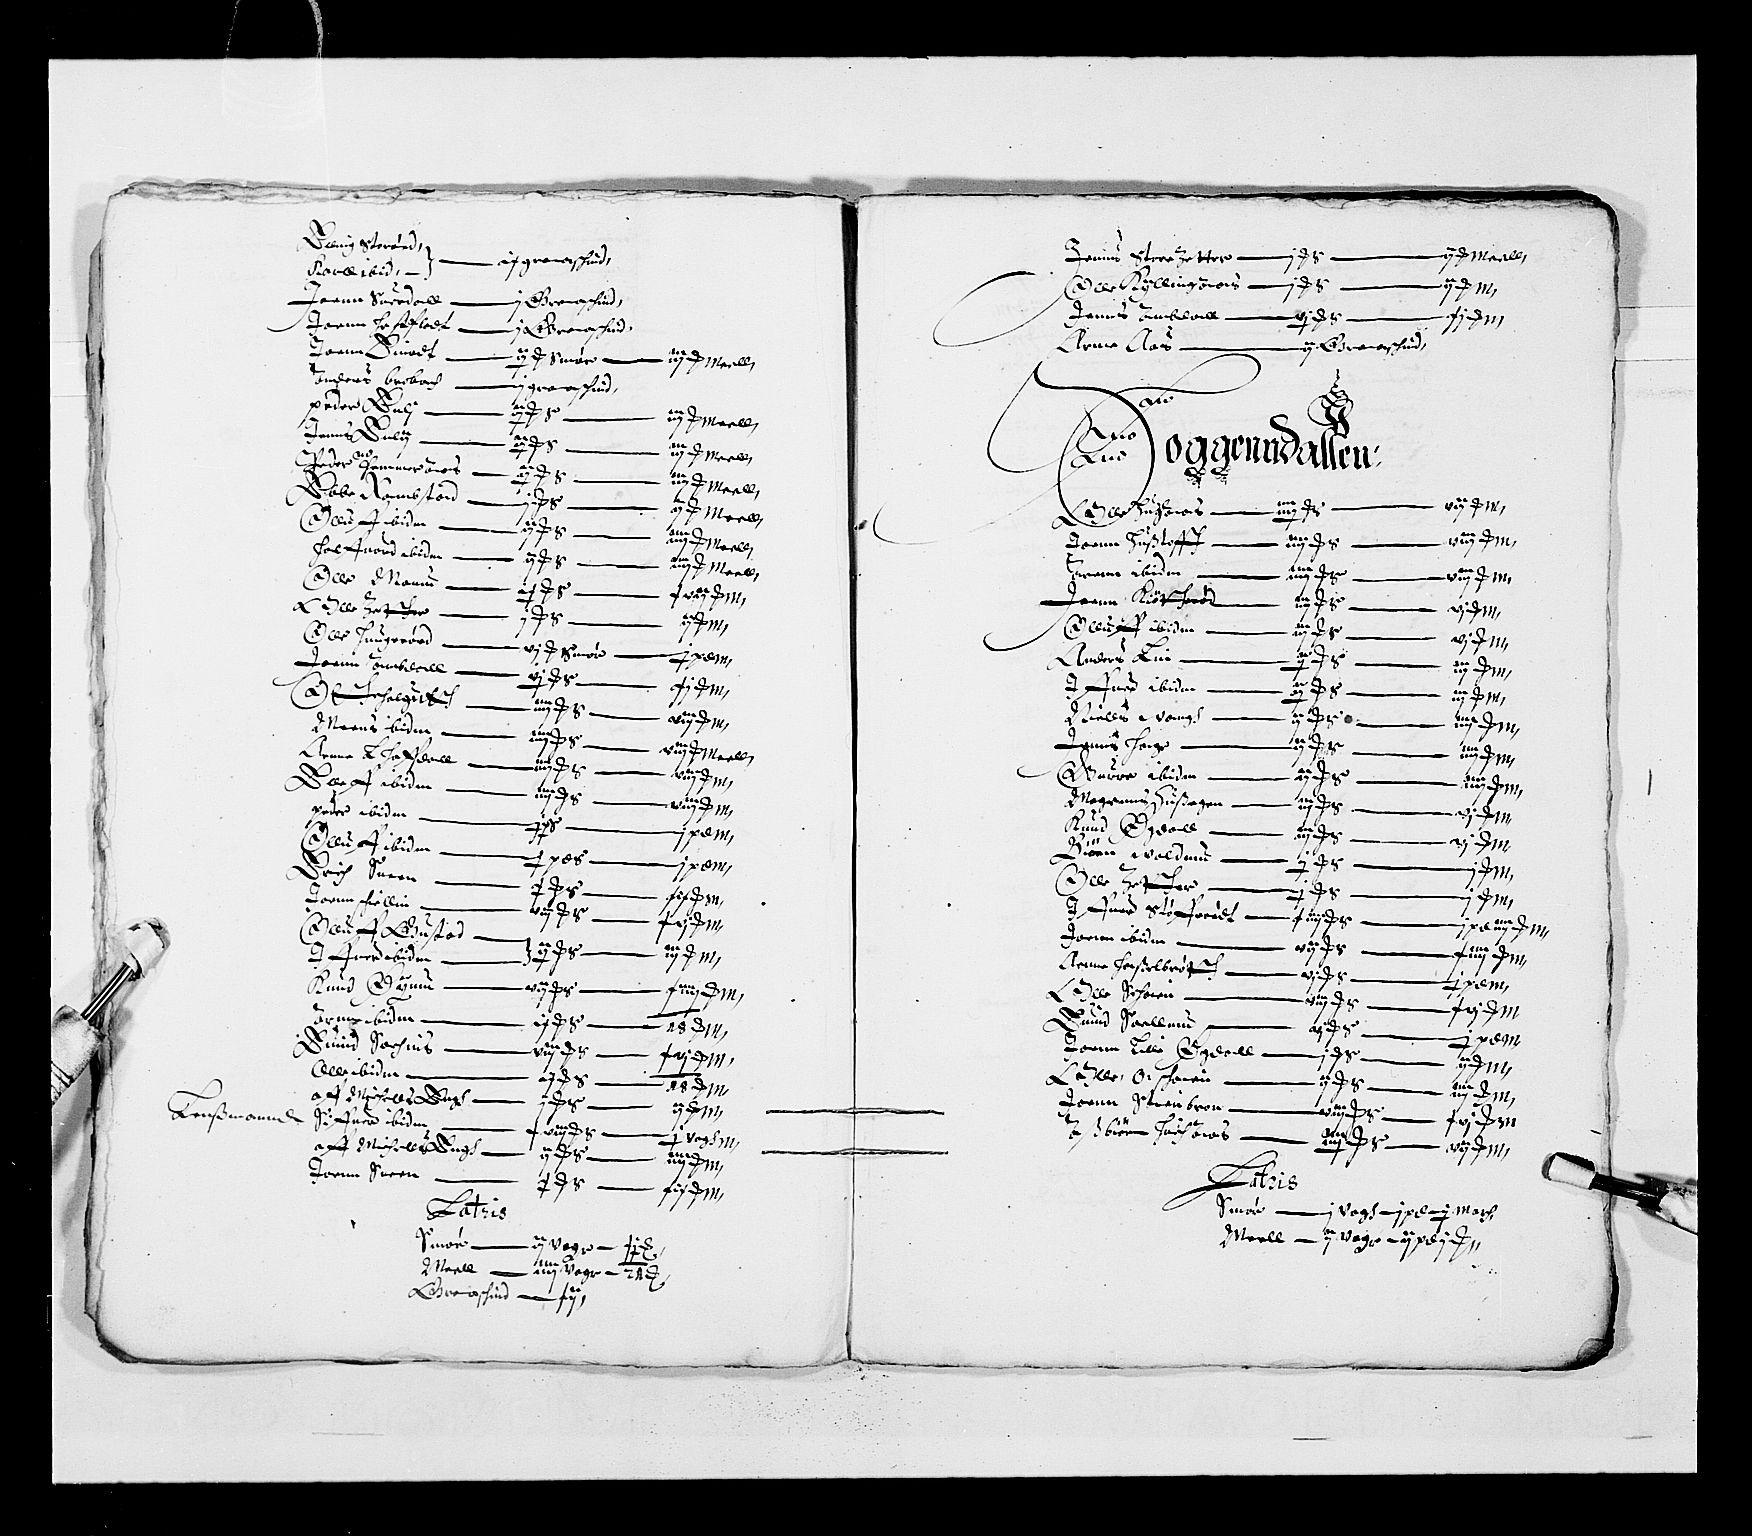 RA, Stattholderembetet 1572-1771, Ek/L0028: Jordebøker 1633-1658:, 1645-1646, s. 214